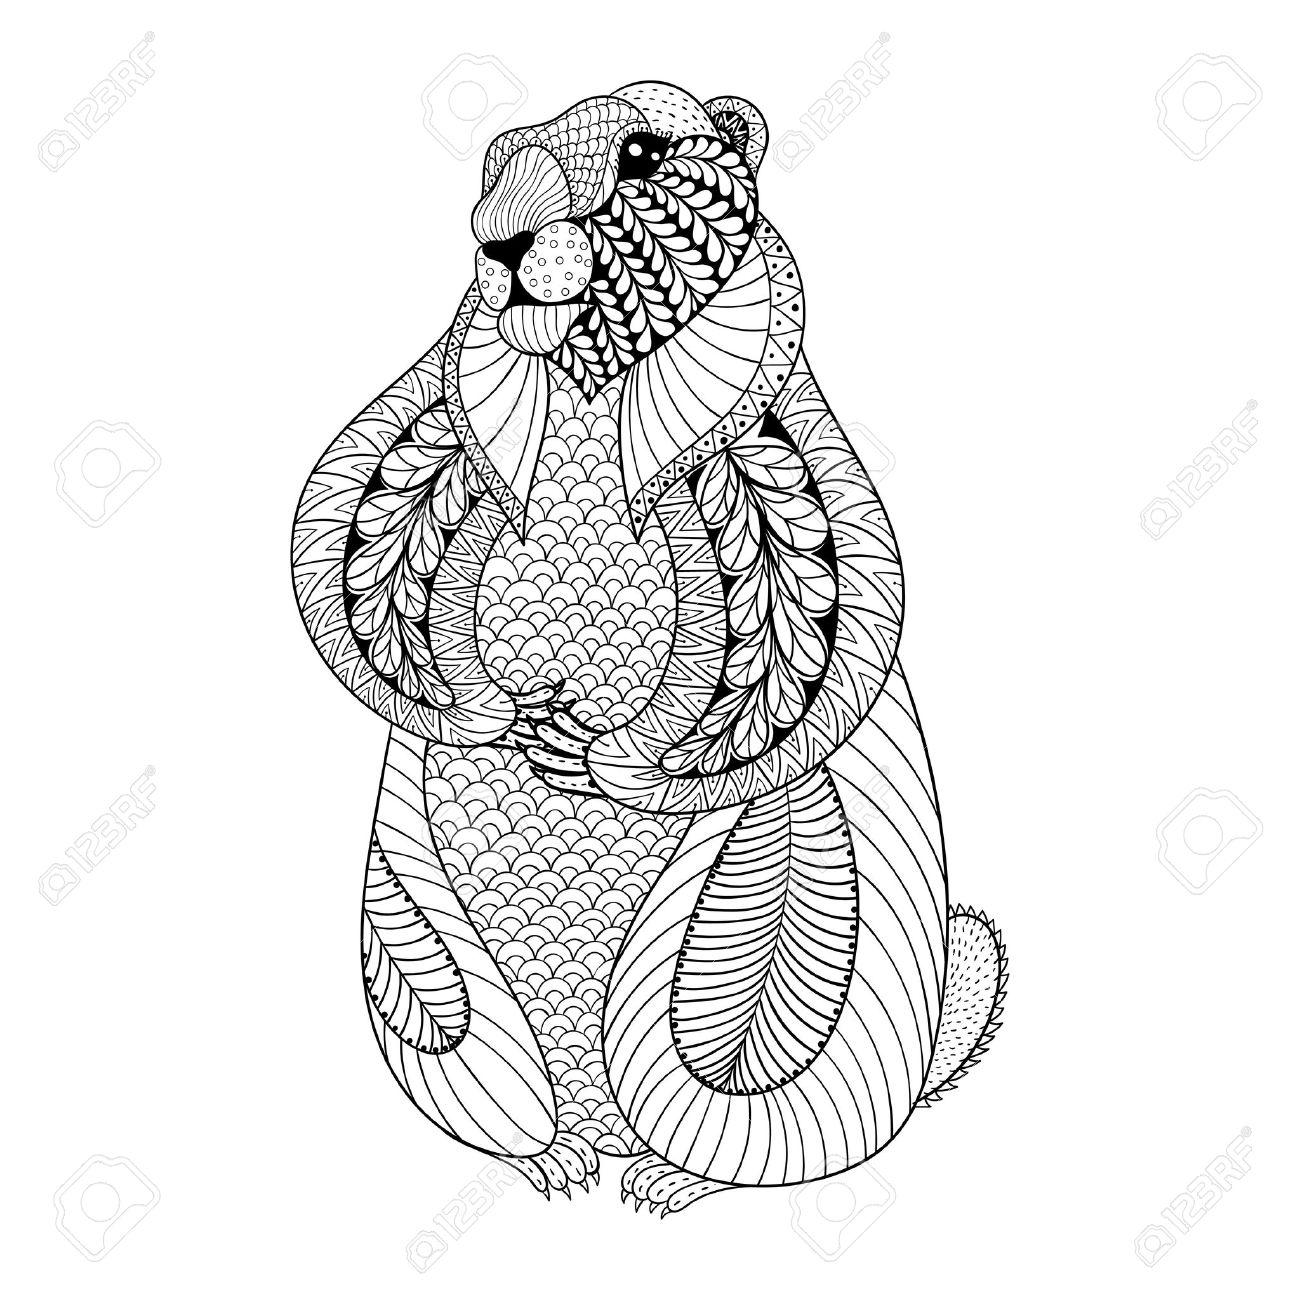 Dibujado A Mano De La Marmota Para Colorear Páginas Para Adultos En ...